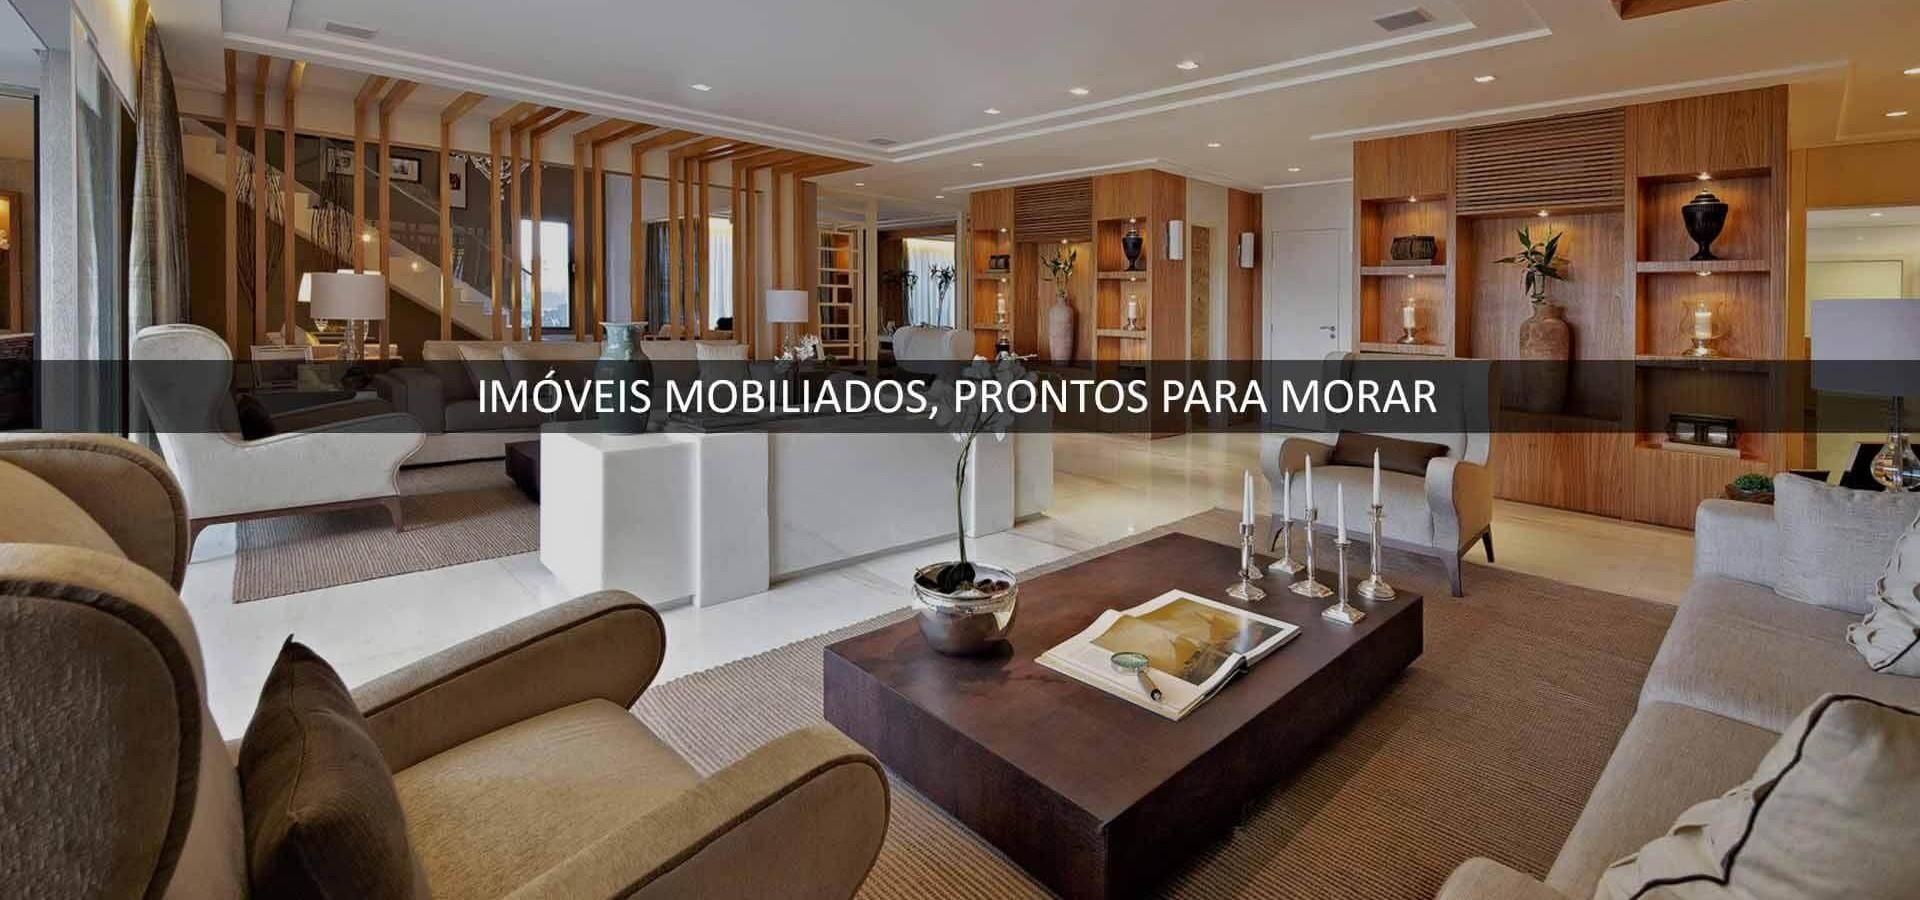 IMÓVEIS MOBILIADOS, PRONTOS PARA MORAR_